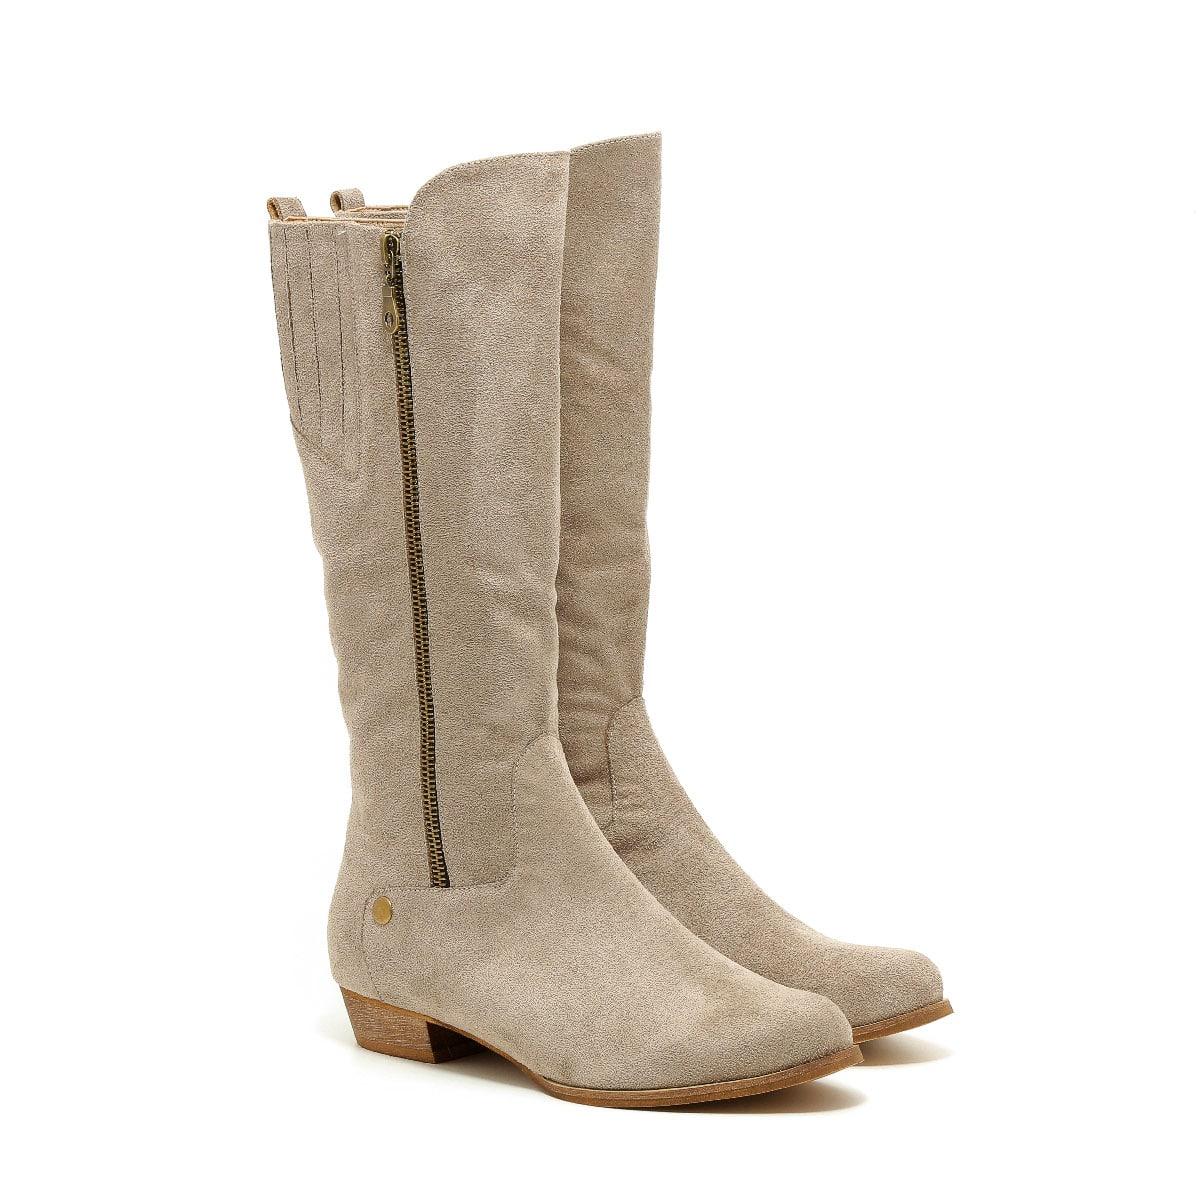 דגם אוראל: מגפיים טבעוניים לנשים